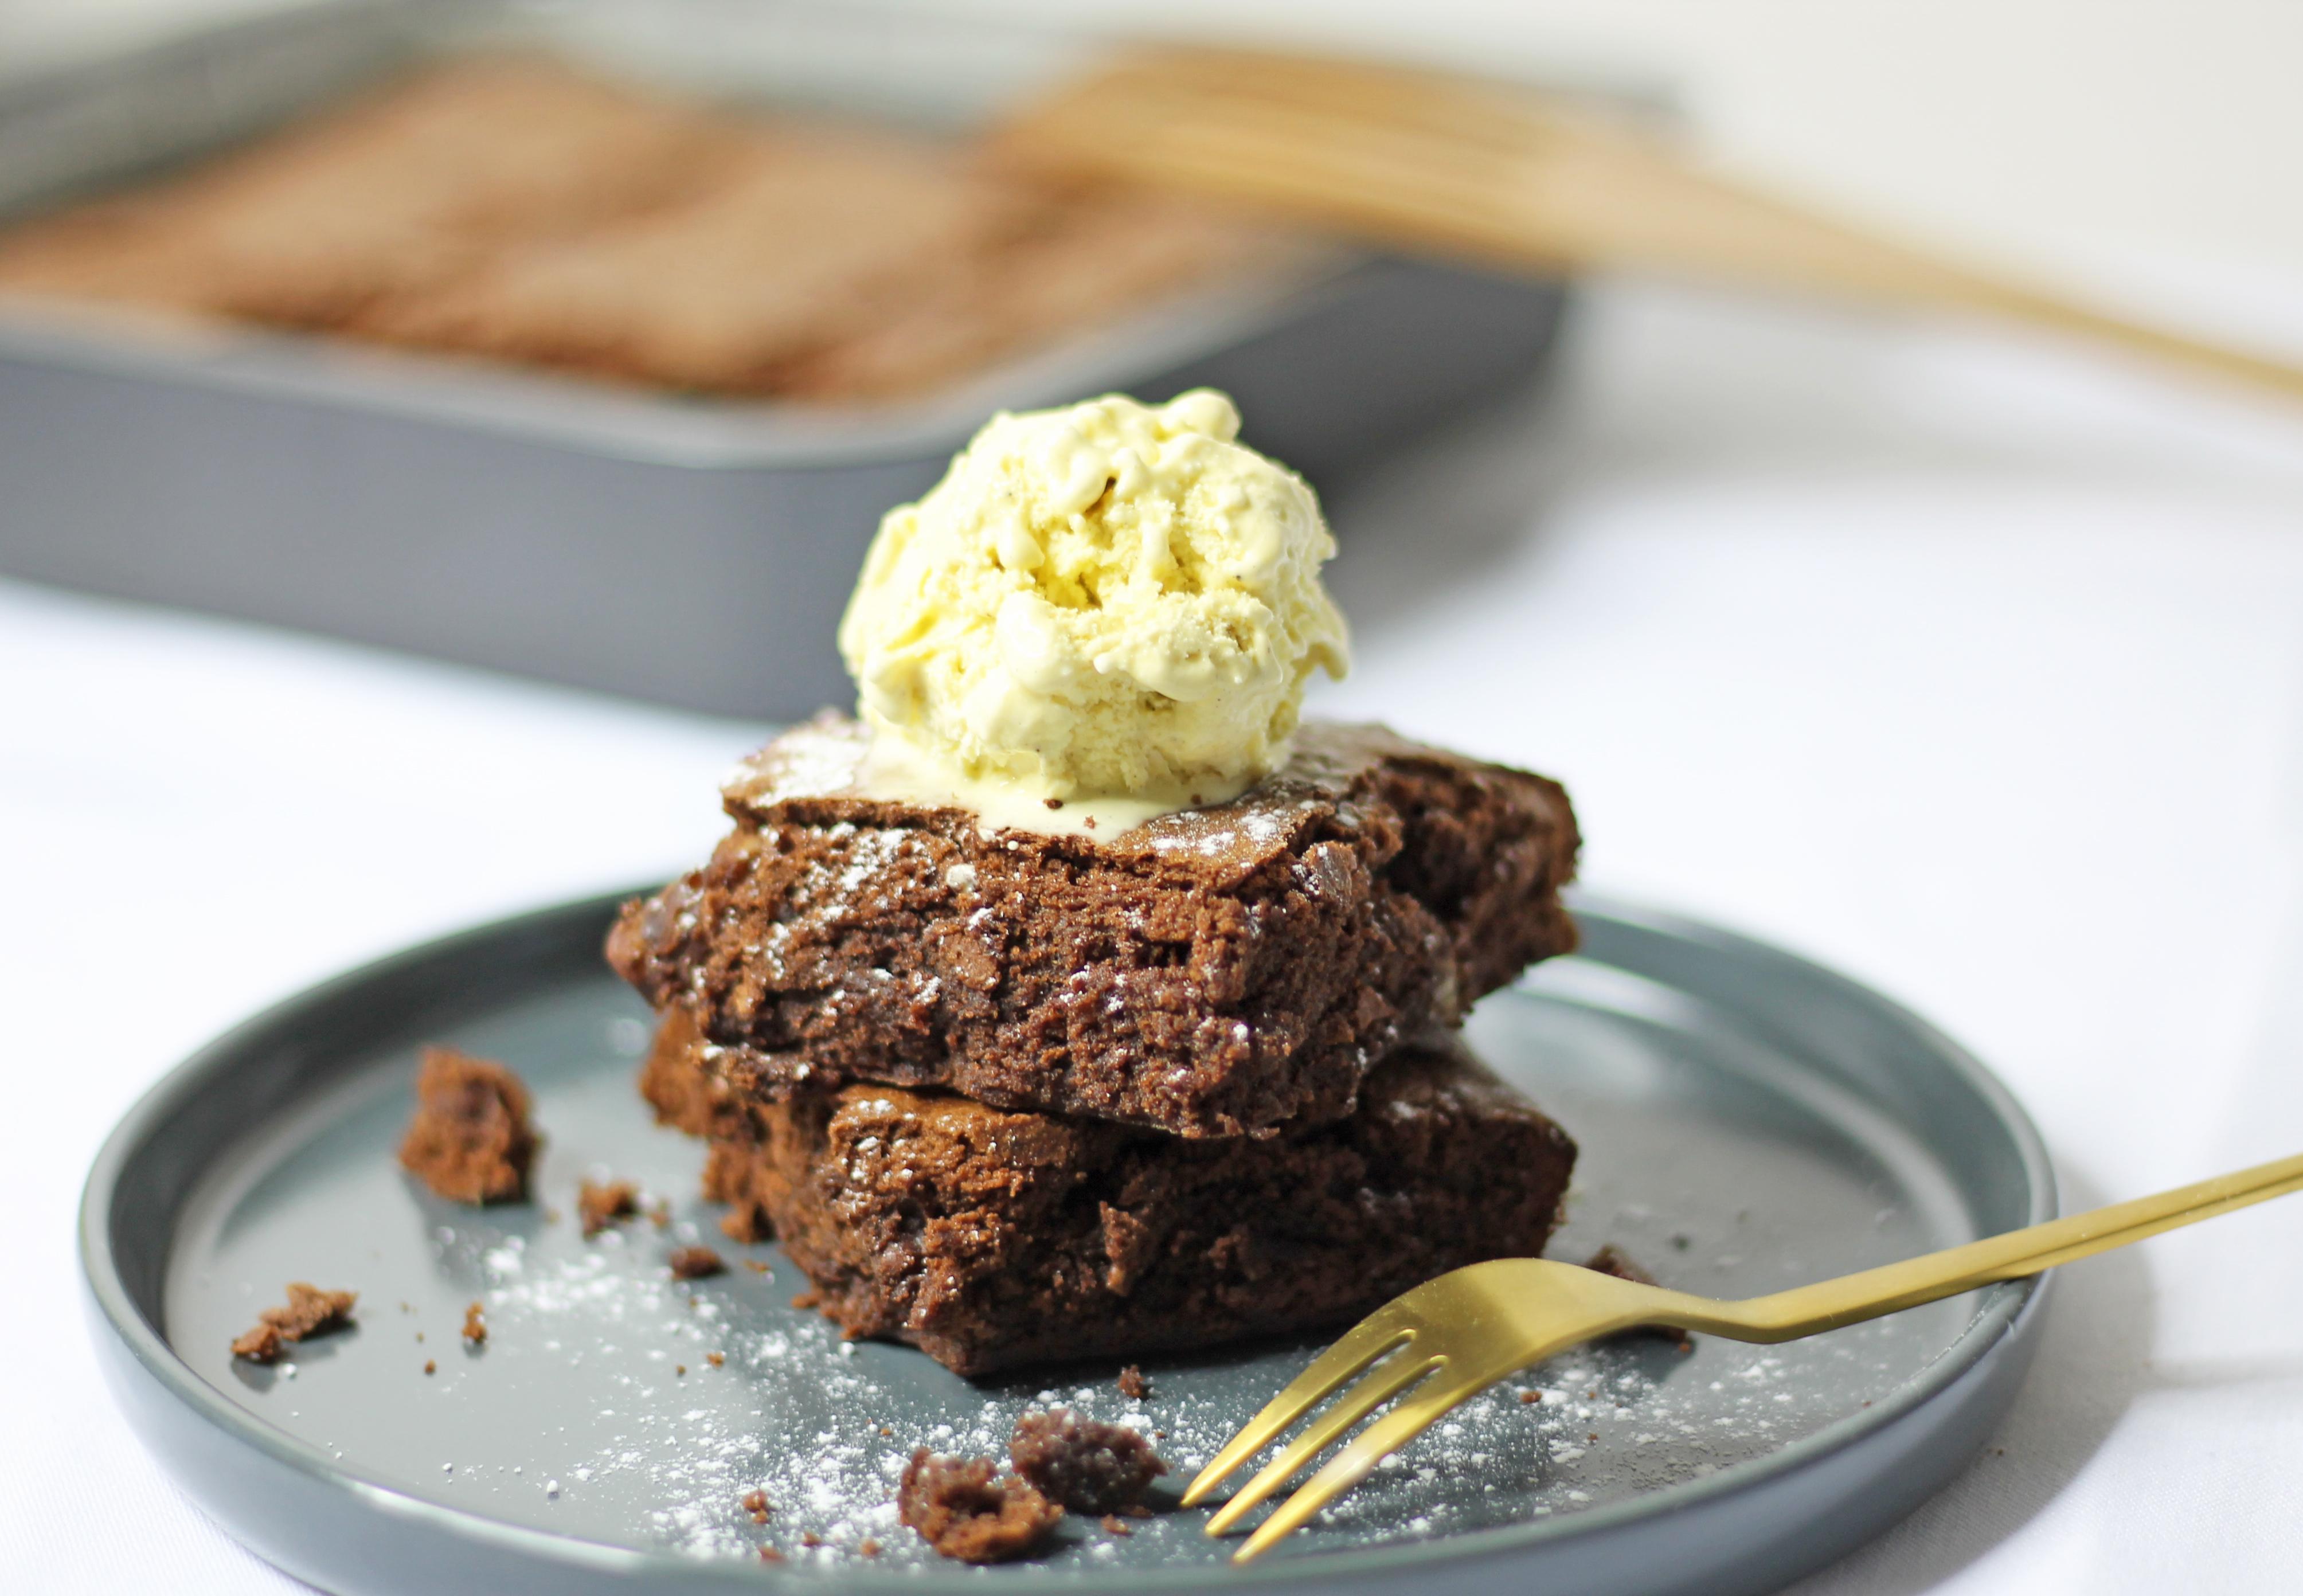 Recette du Brownie by FannyAlbx.com